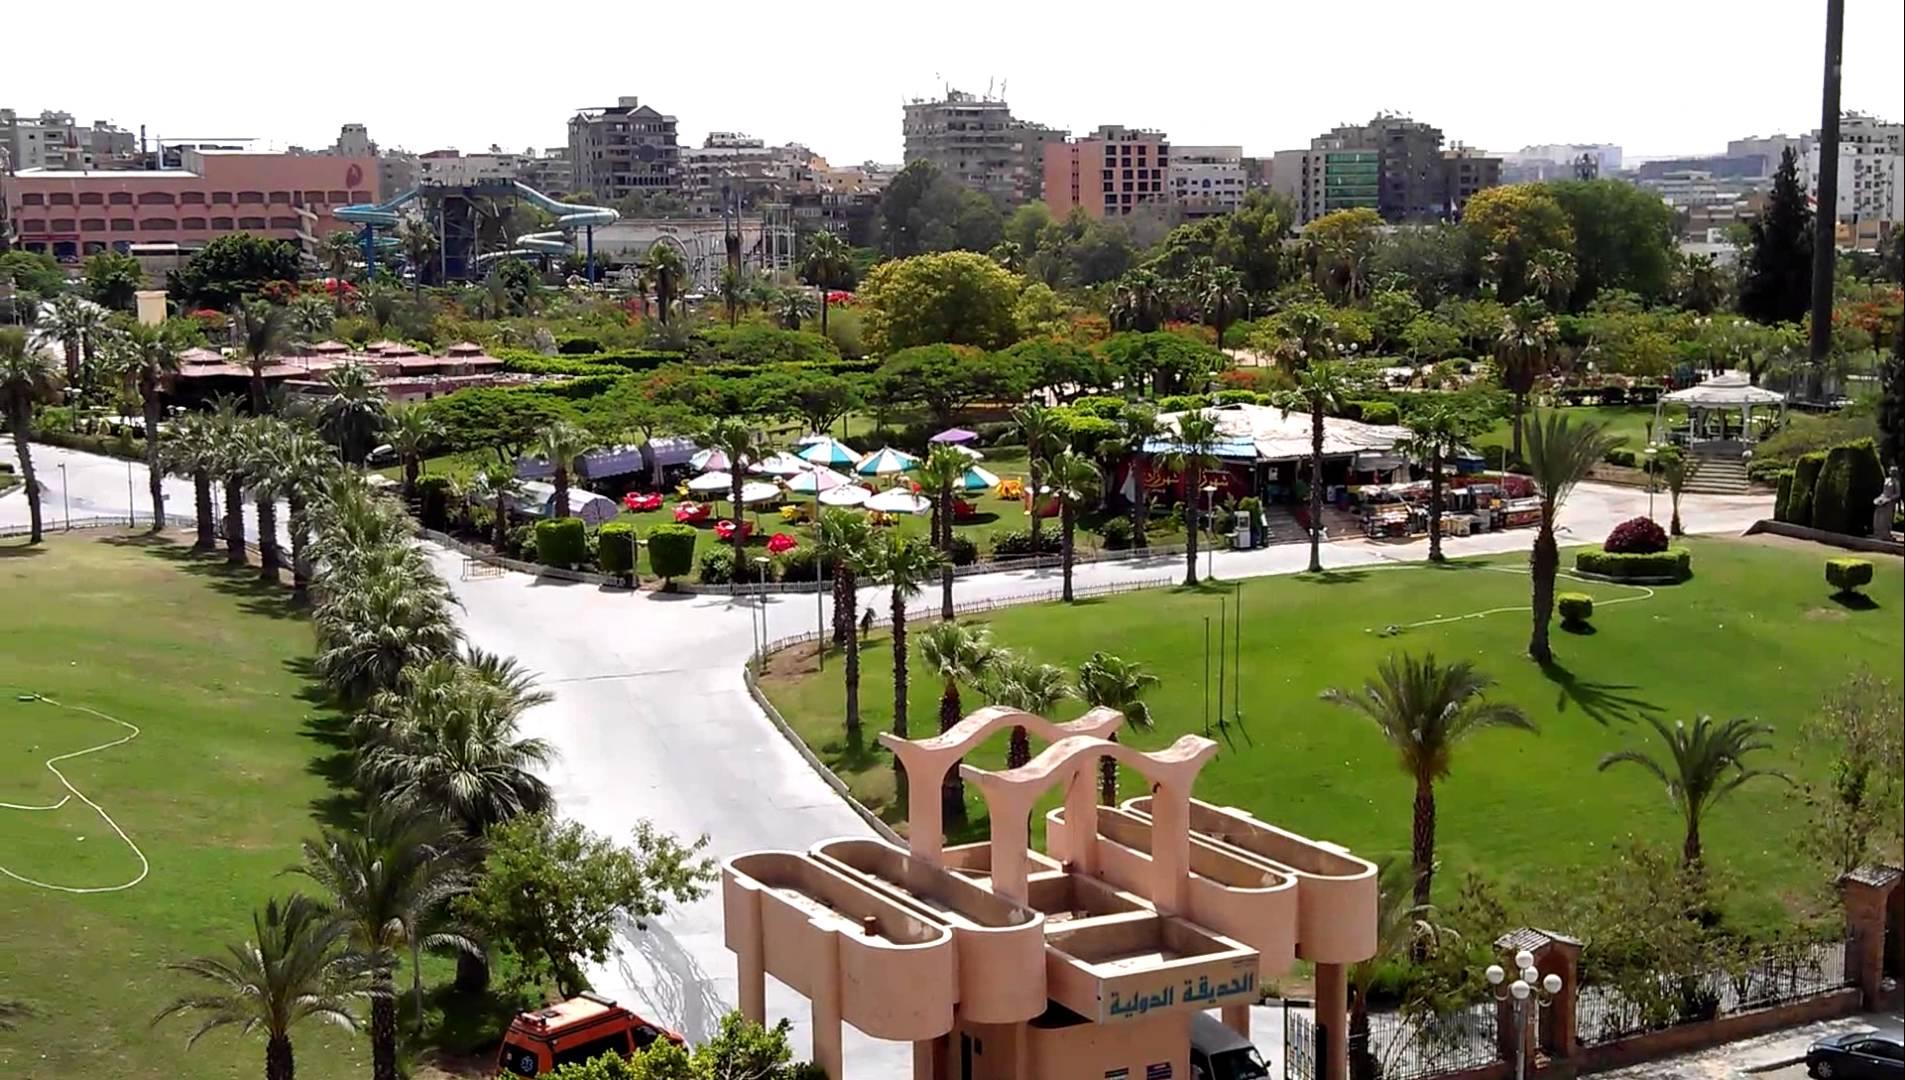 حديقه الفسطاط مصر